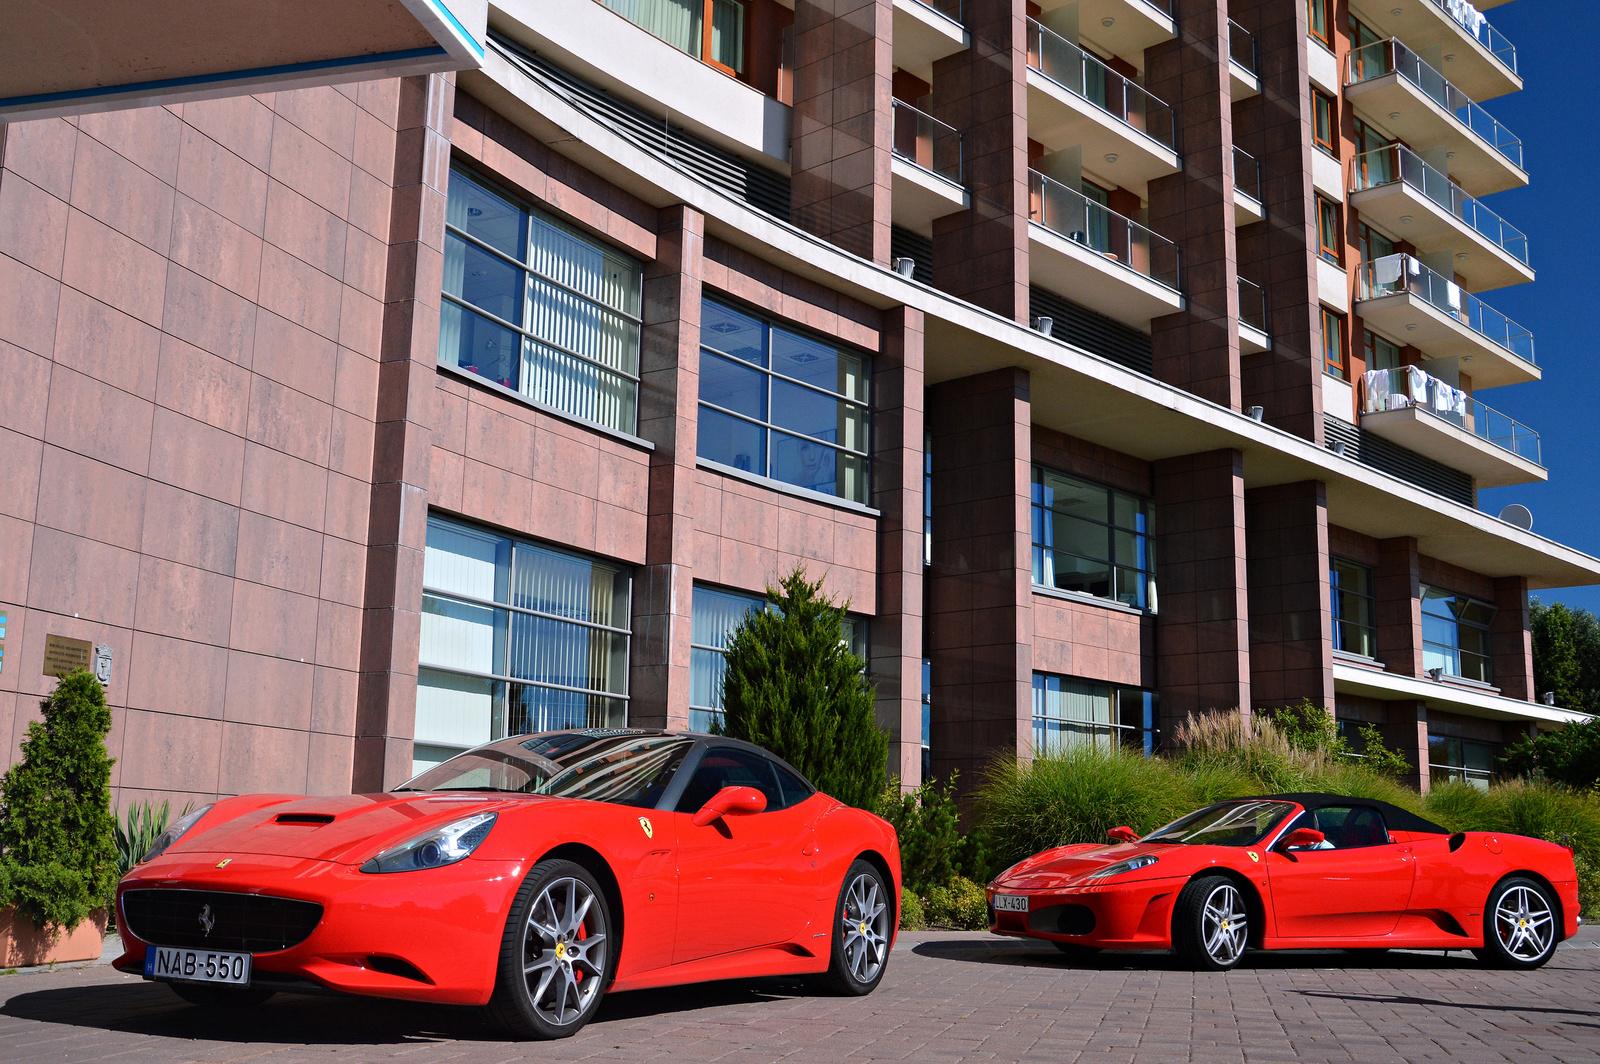 Ferrari California -- F430 Spider